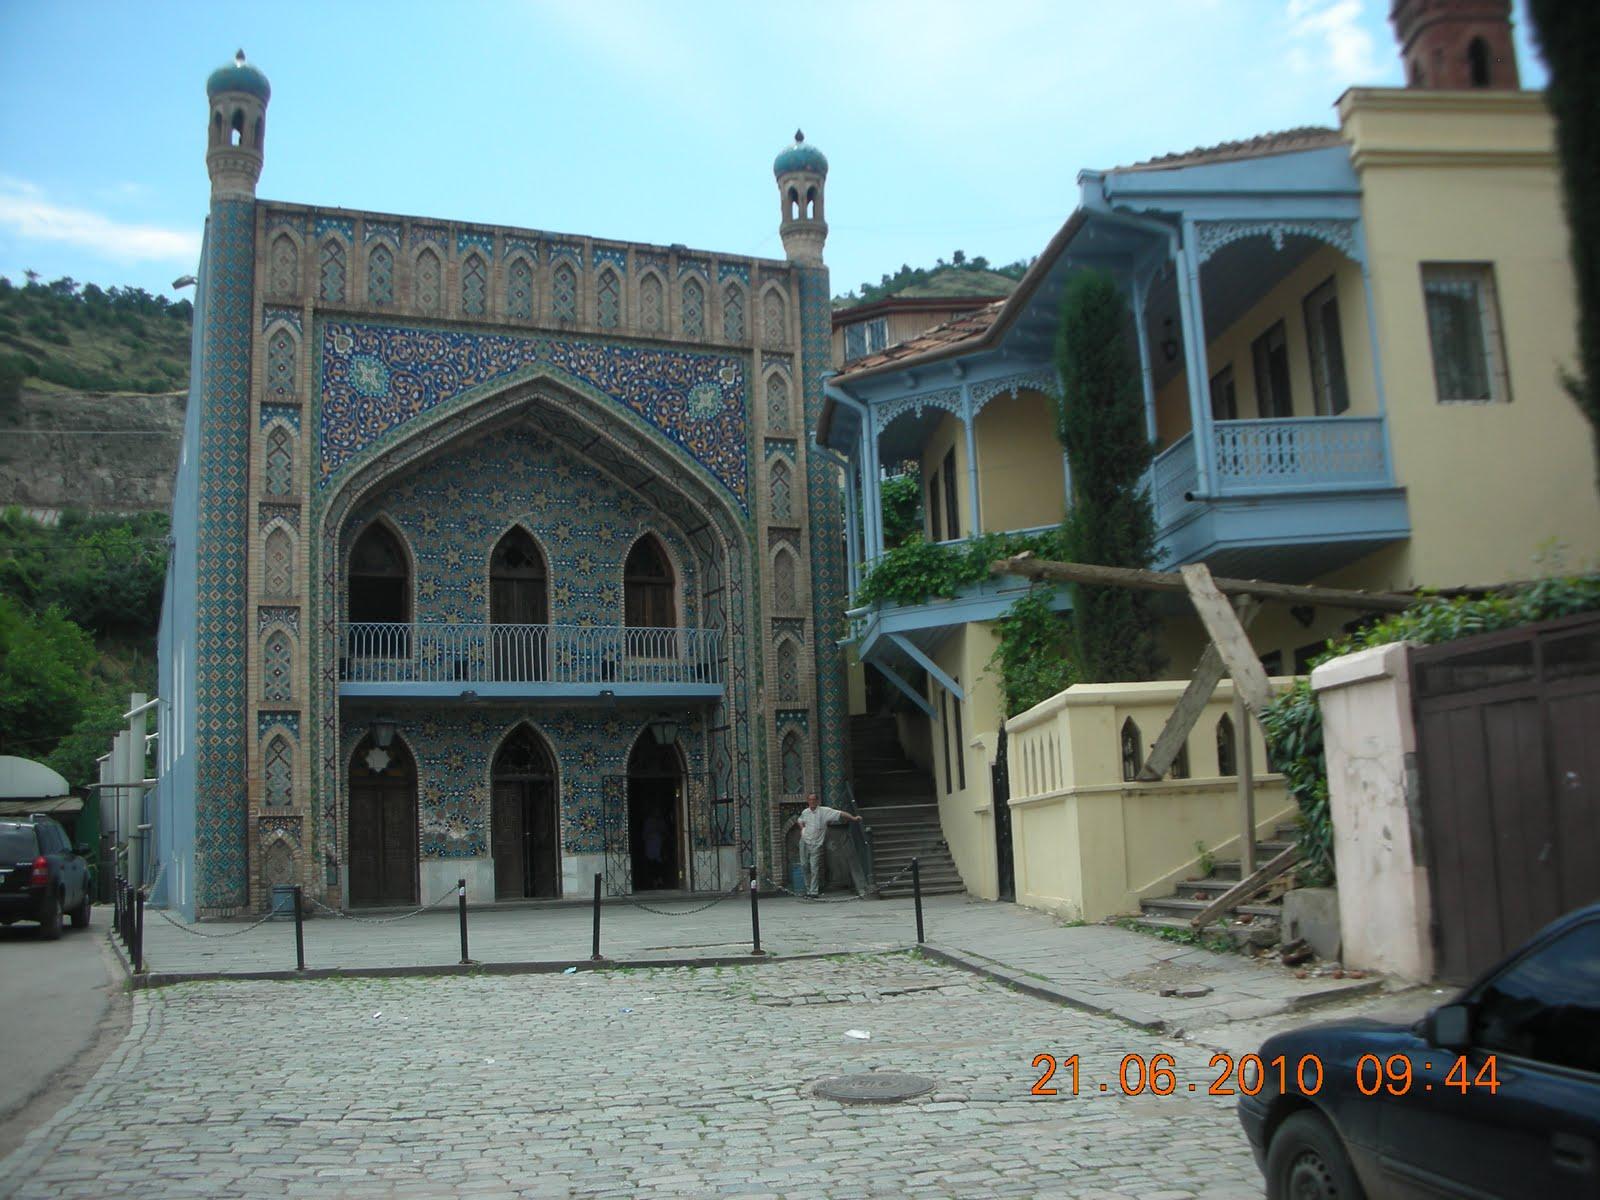 Meine Reise: Blaues Bad in der Altstadt von Tiflis